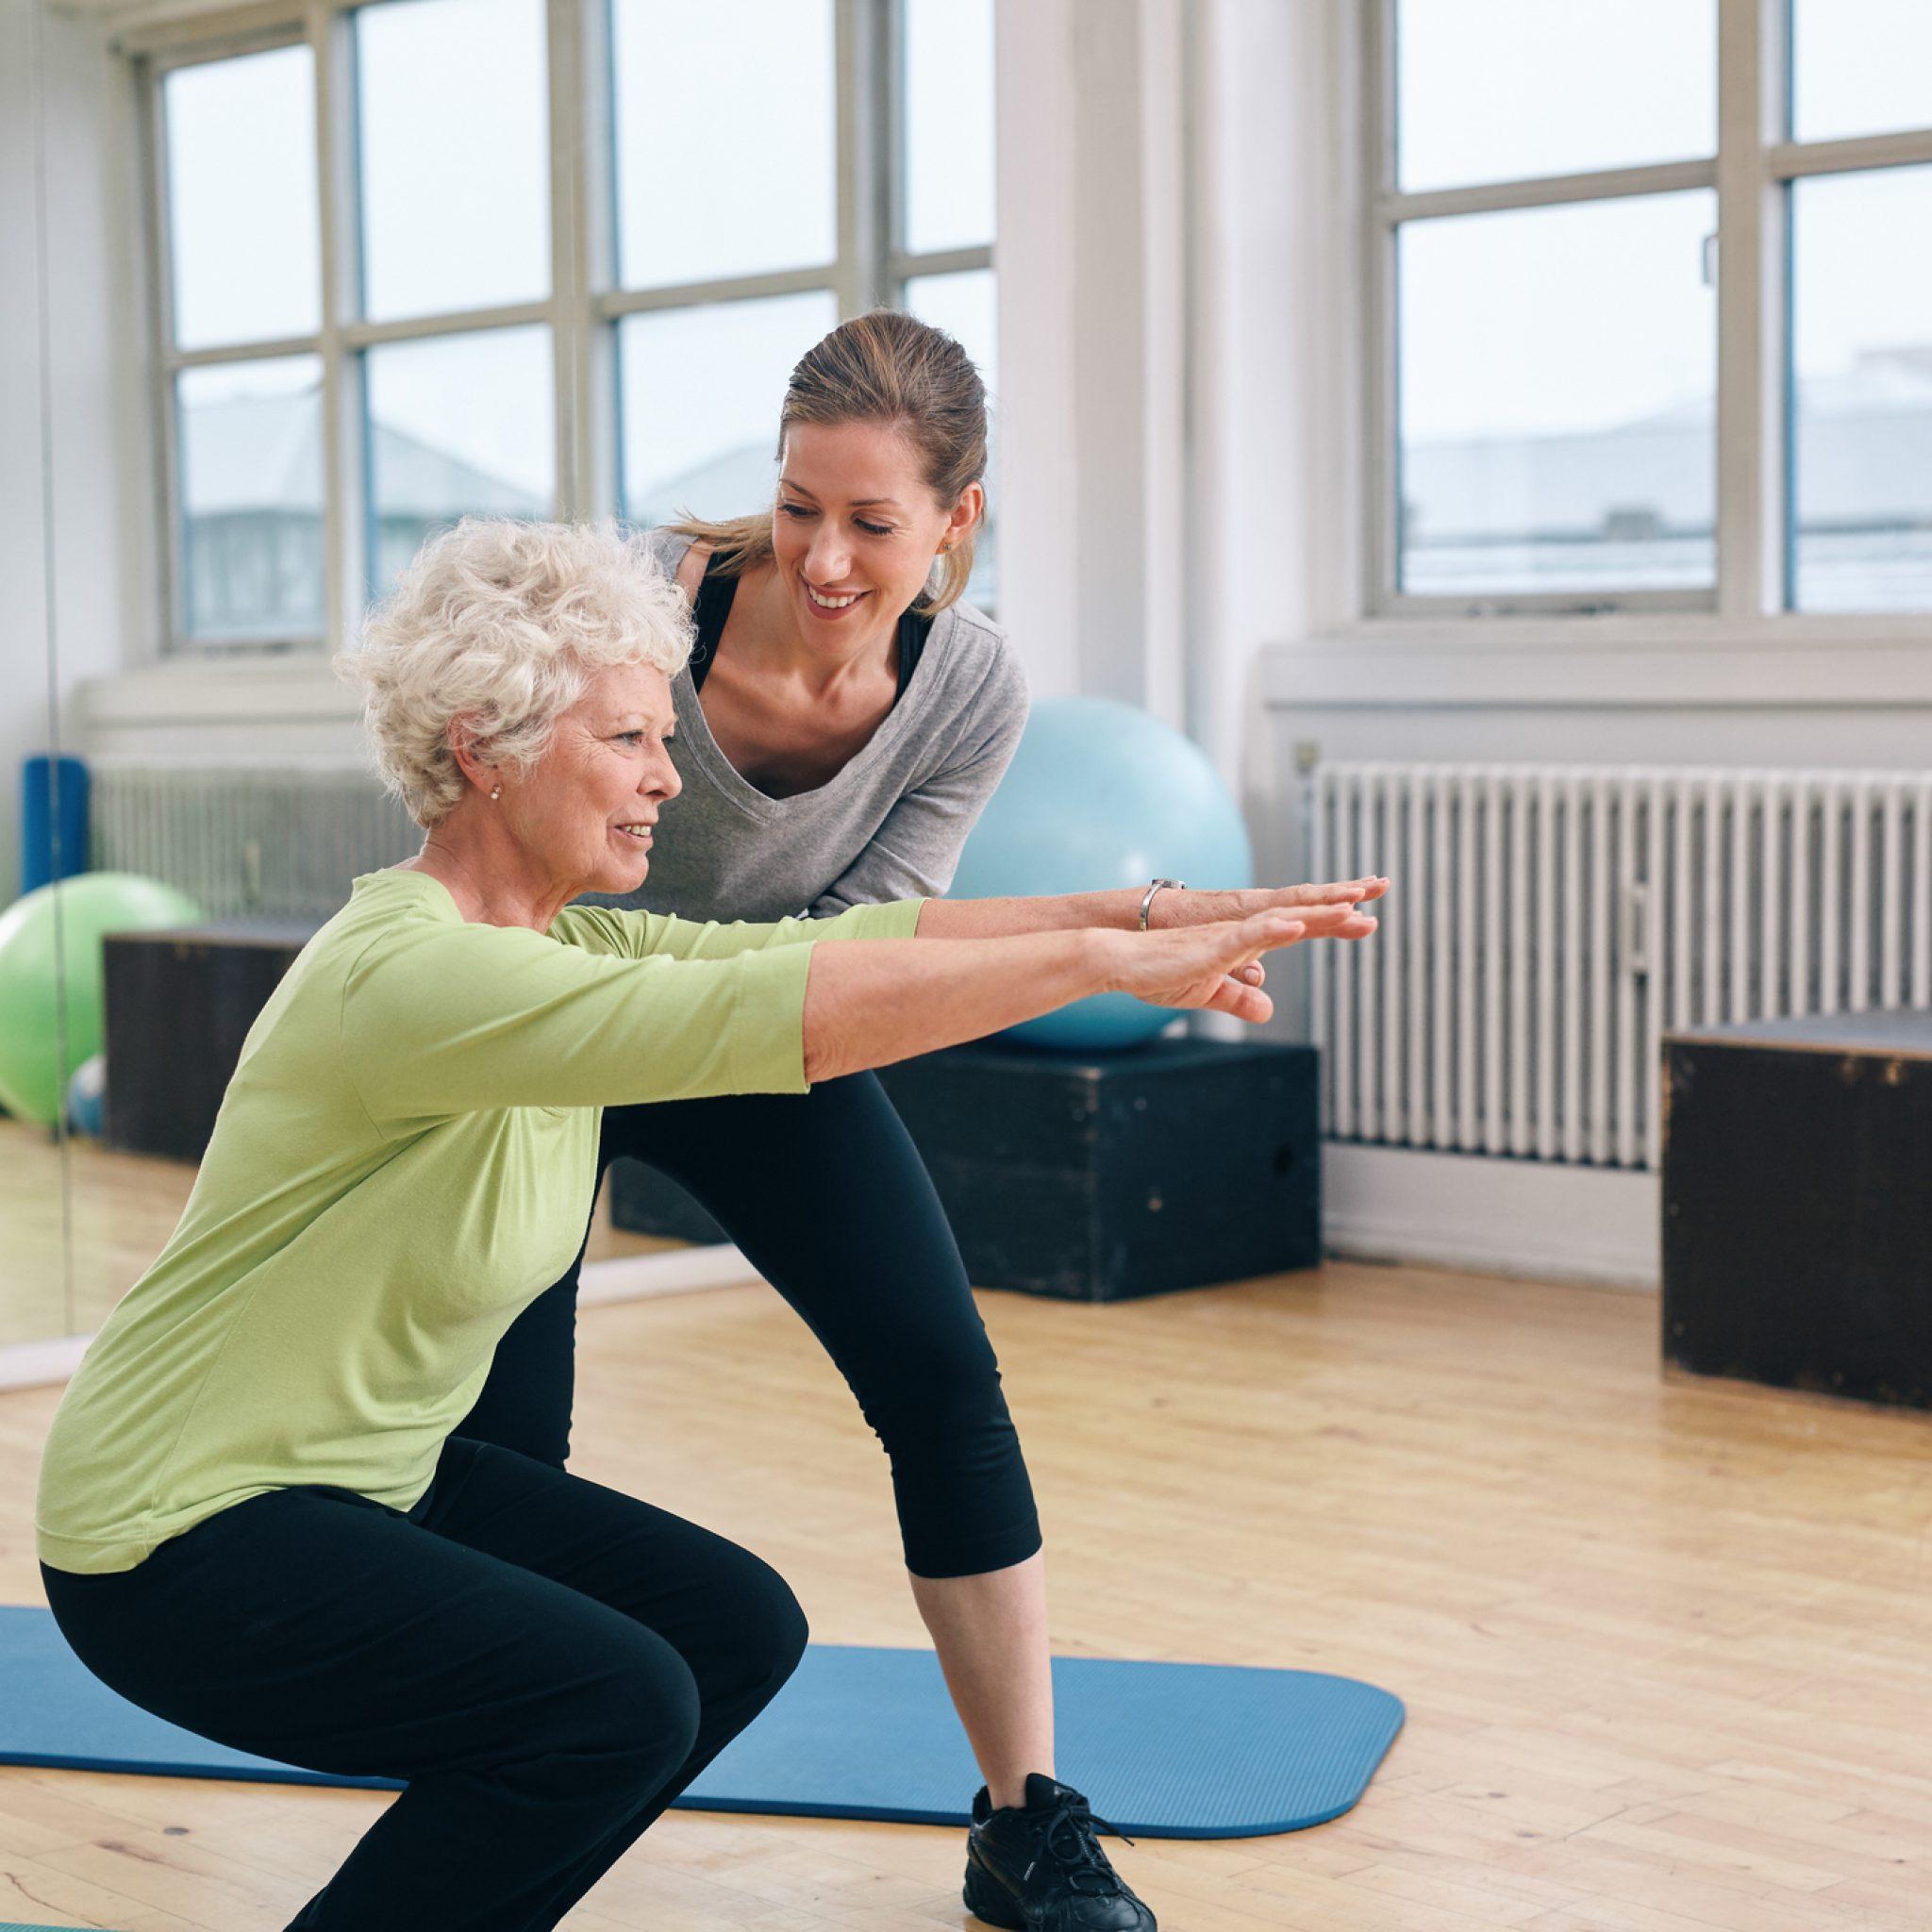 Польза и вред приседаний: научный подход. какую пользу принесут вам приседания, и могут ли они навредить здоровью